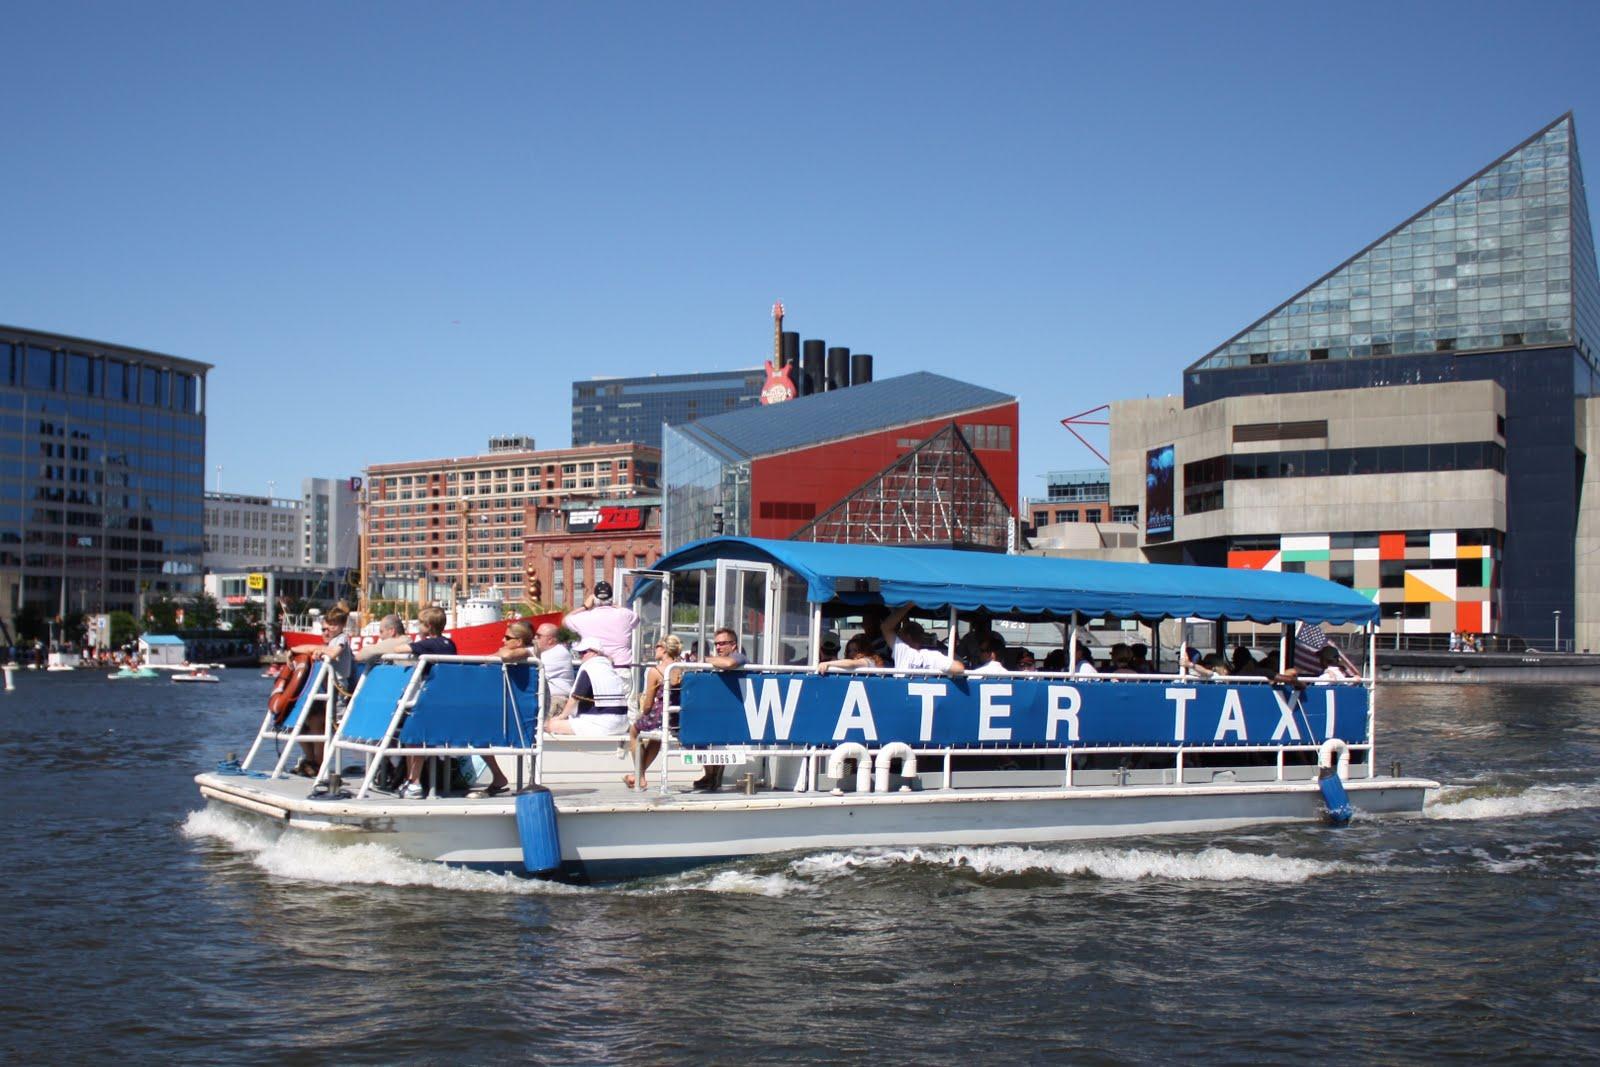 Panduan Menjelajahi Kota Baltimore Negara Bagian Maryland Amerika Serikat